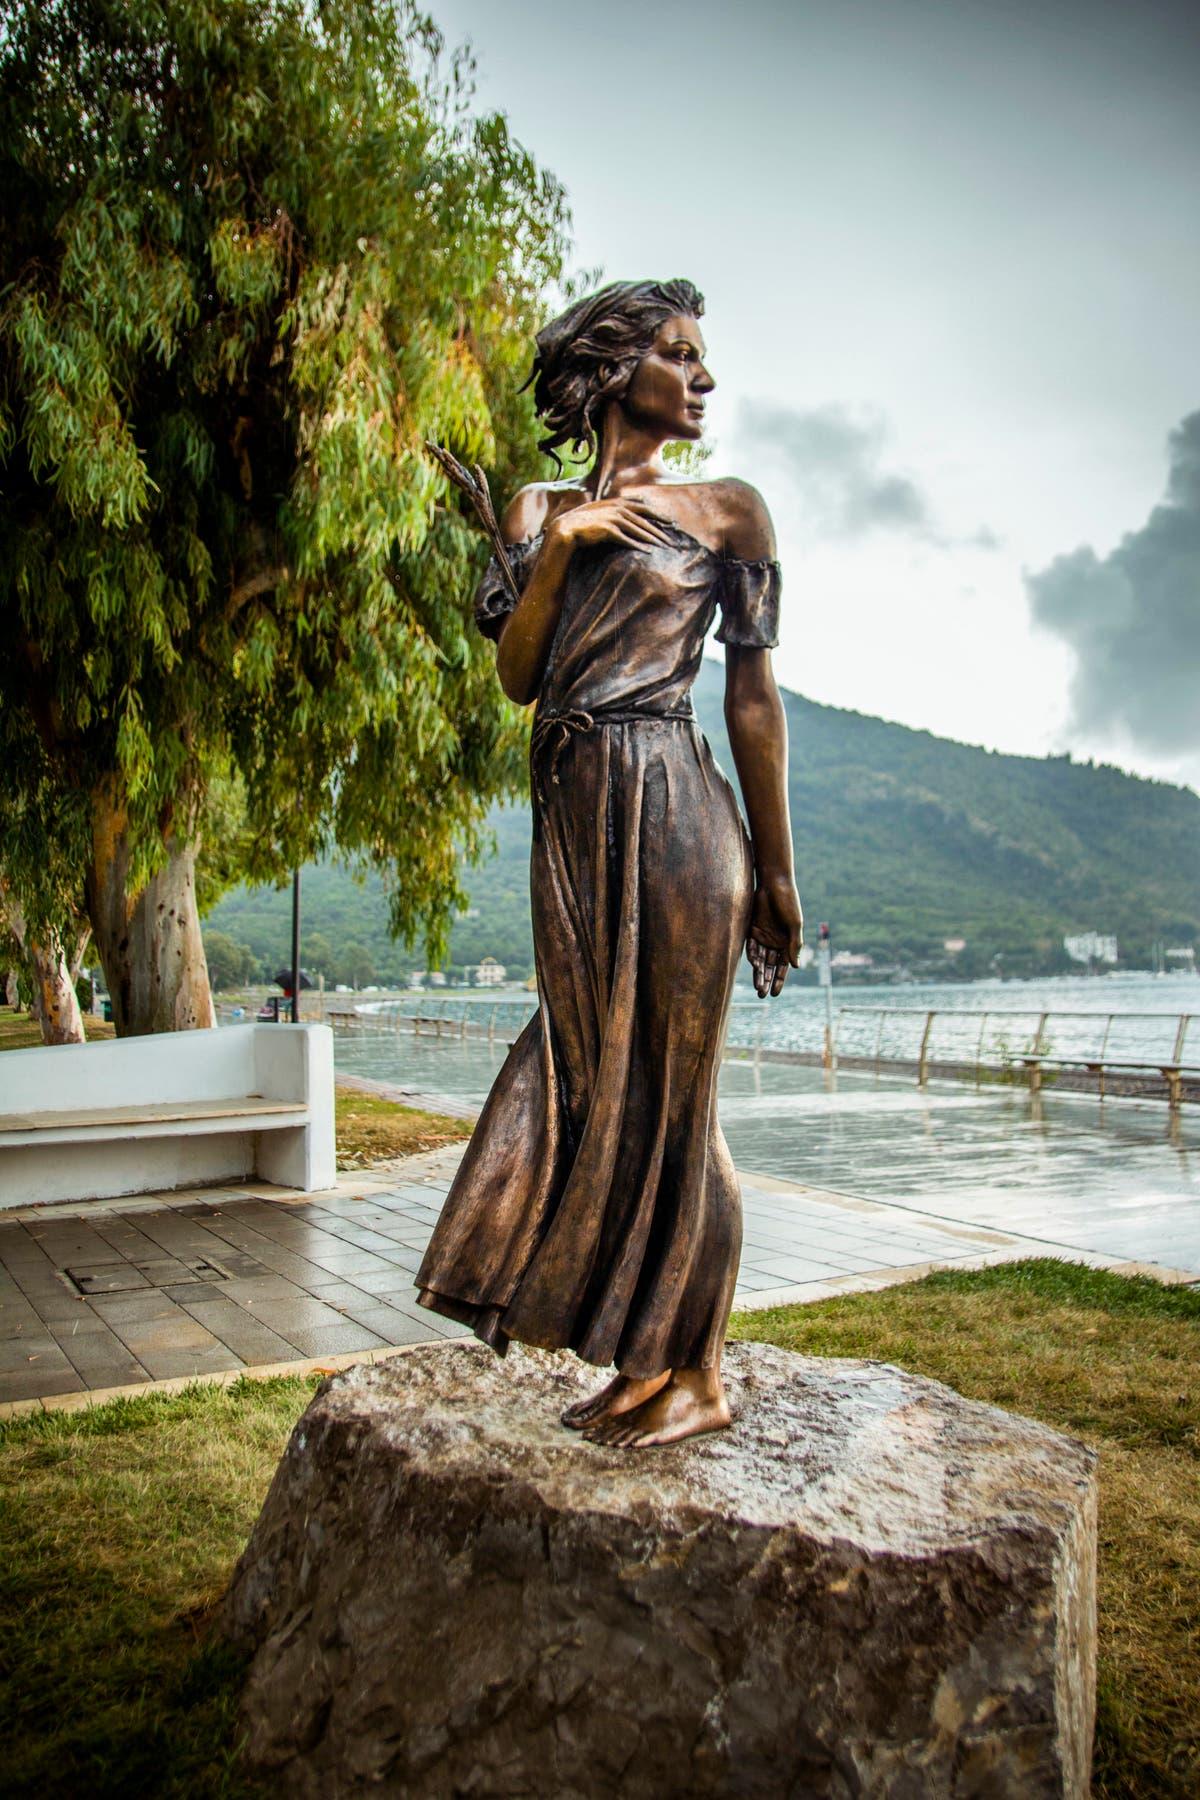 イタリア: Lithe statue of literary heroine draws sexism charges